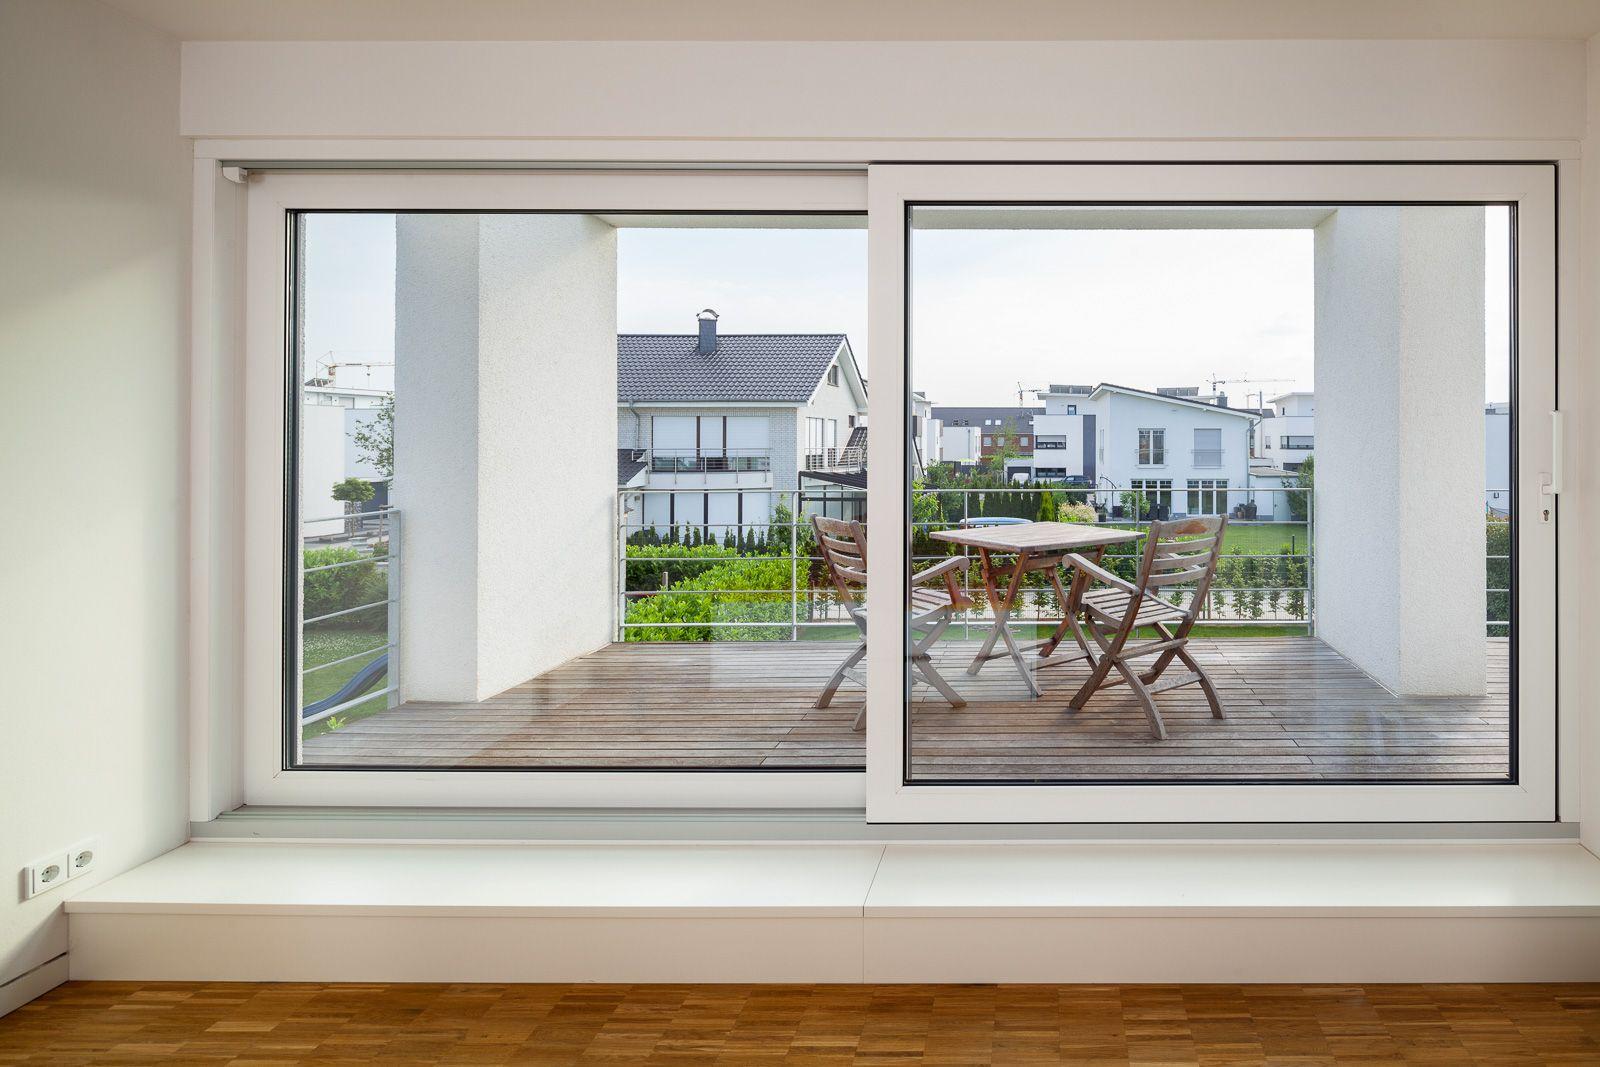 Haus S. - Schlafzimmer mit Ausblick und davor liegender Loggia - stkn architekten